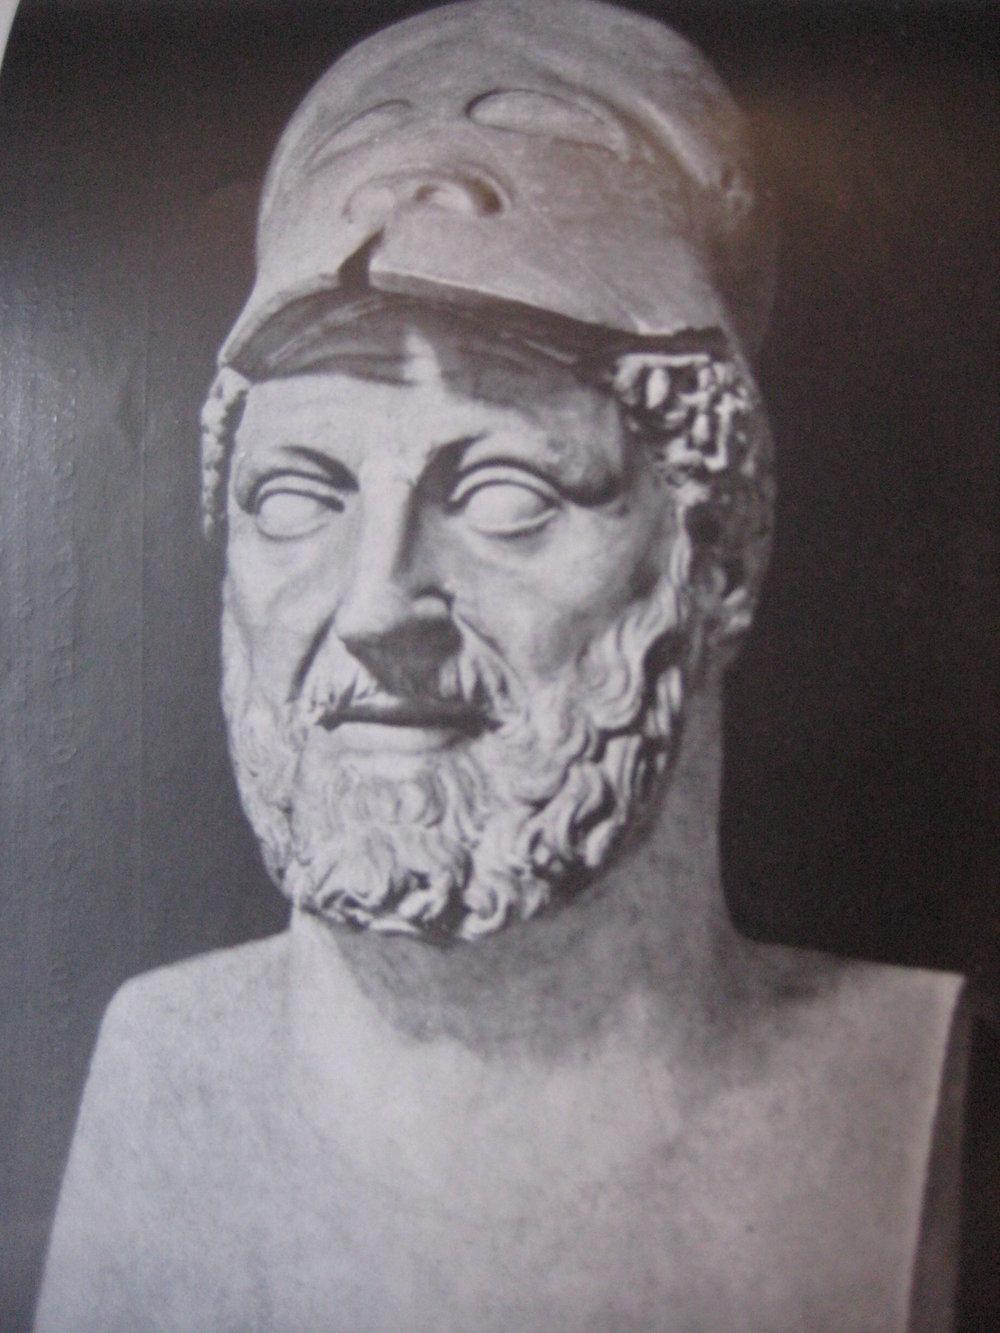 Un busto de Amílcar Barca, padre del famoso Aníbal y general de las fuerzas cartaginesas durante la Guerra de los Mercenarios.